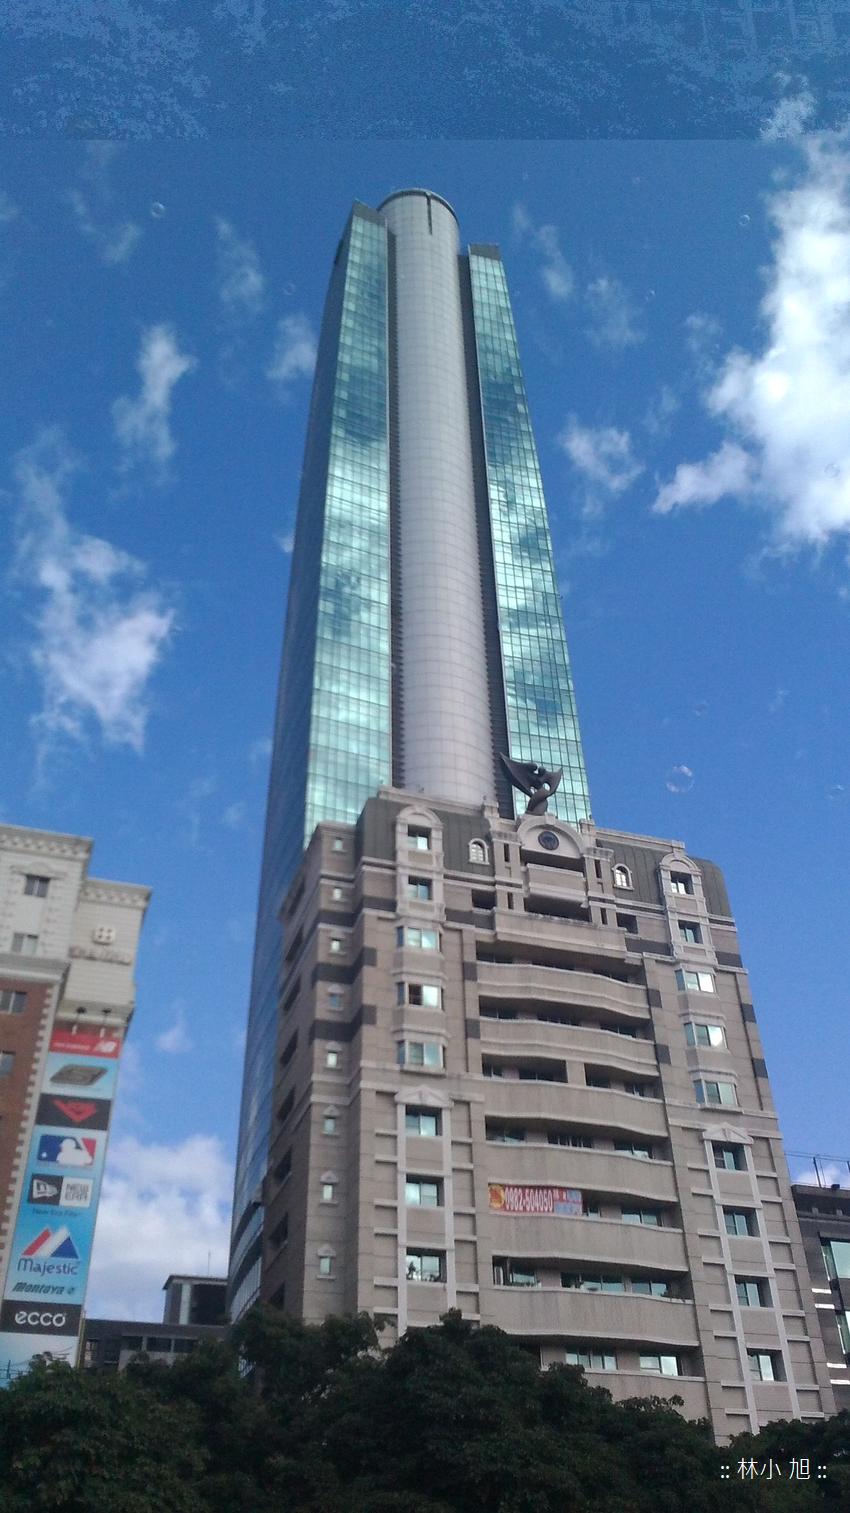 ASUS 華碩 Fonepad 7 拍照成果 (11).png